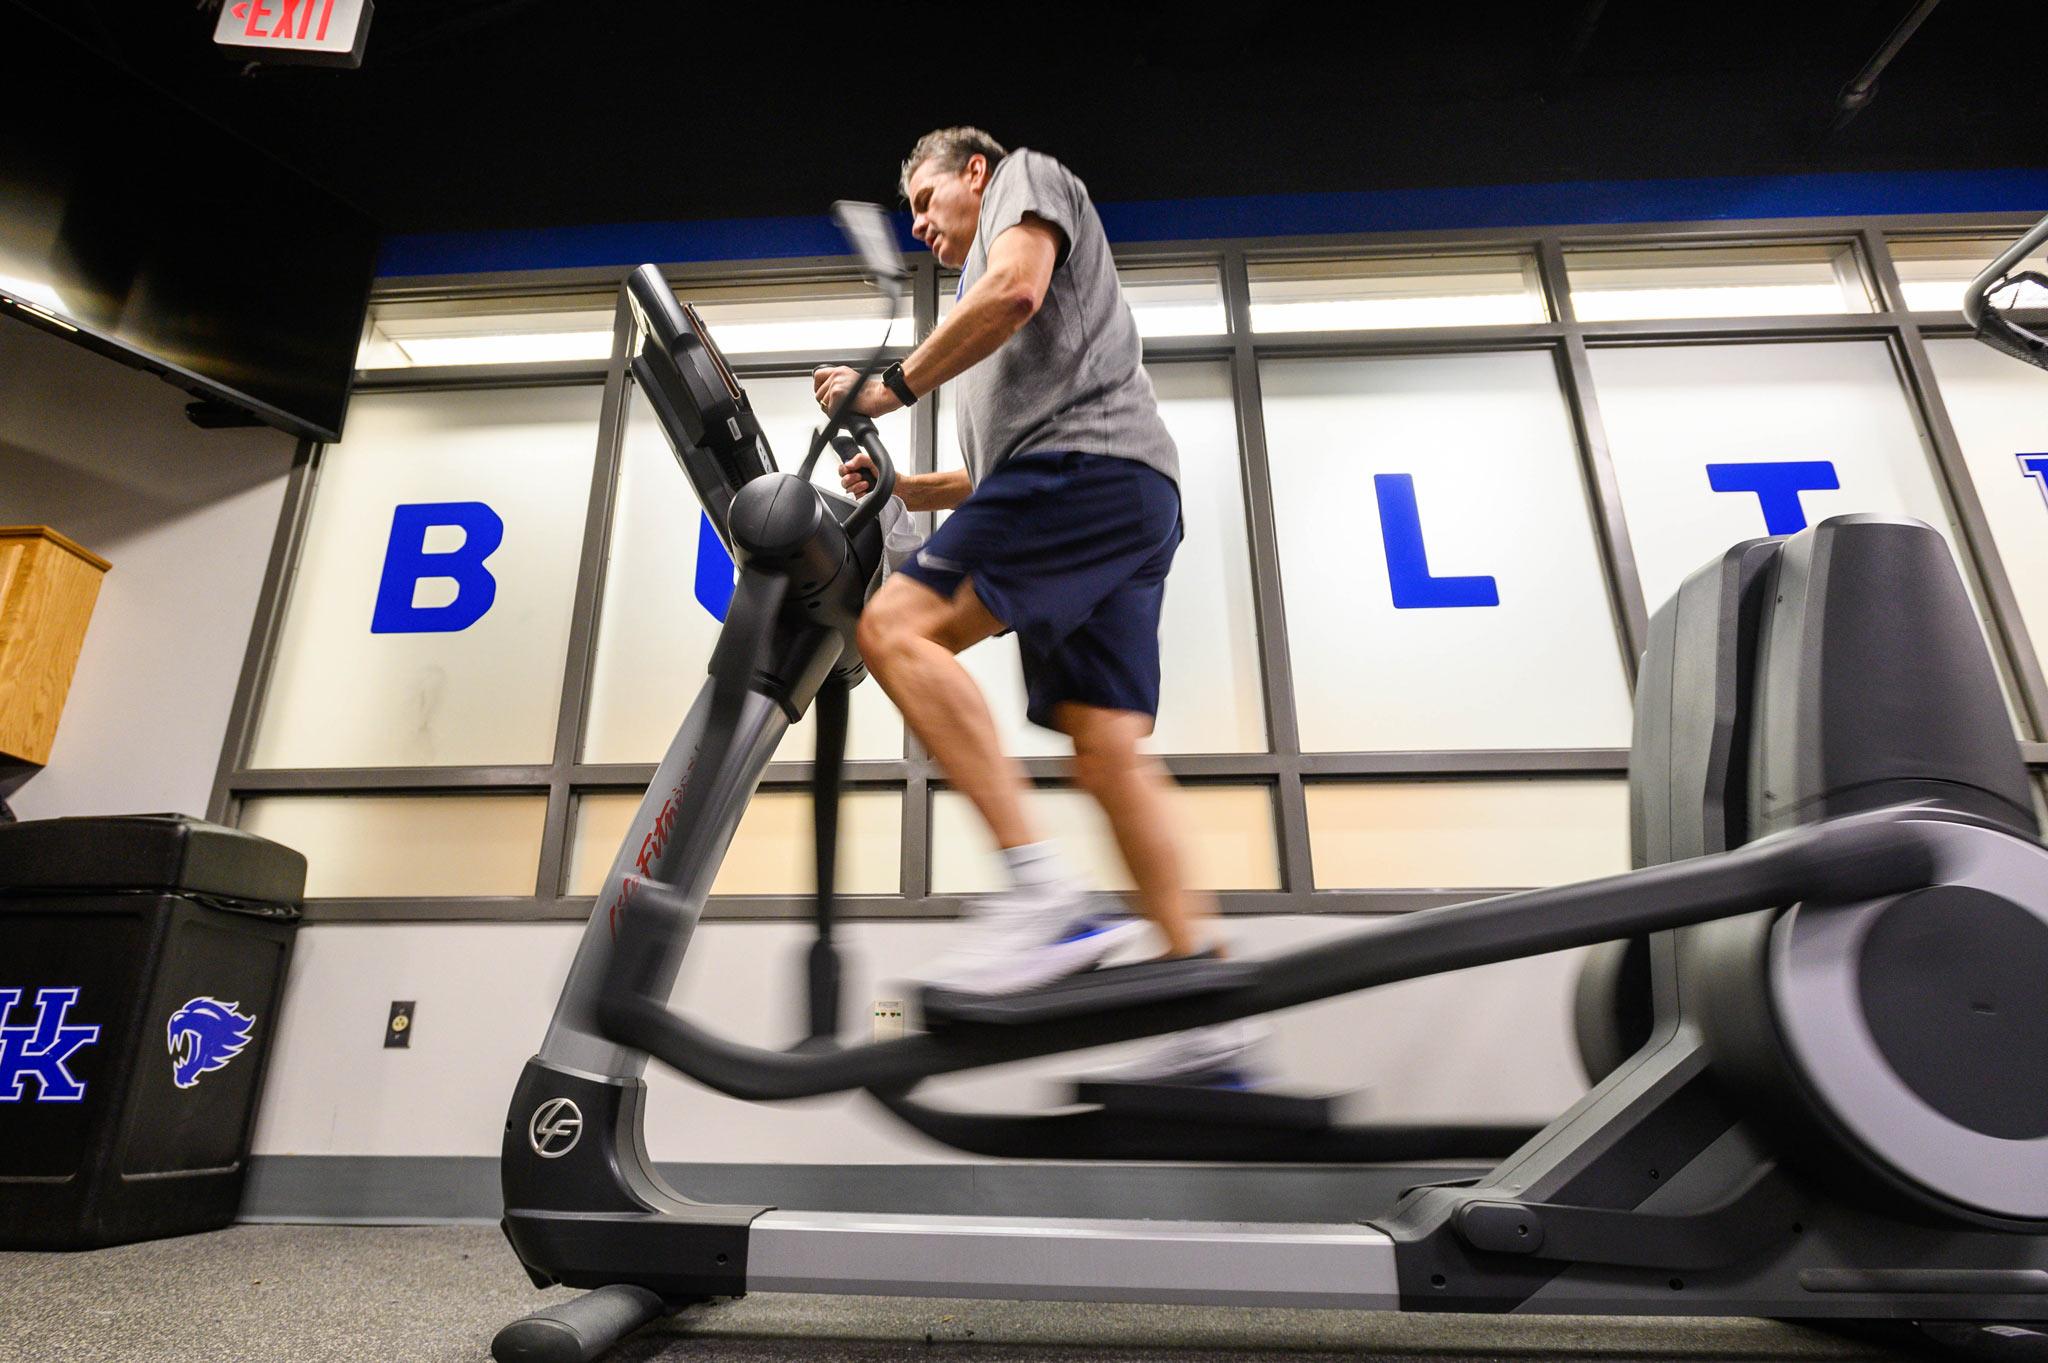 Coach Calipari works out on an elliptical machine.